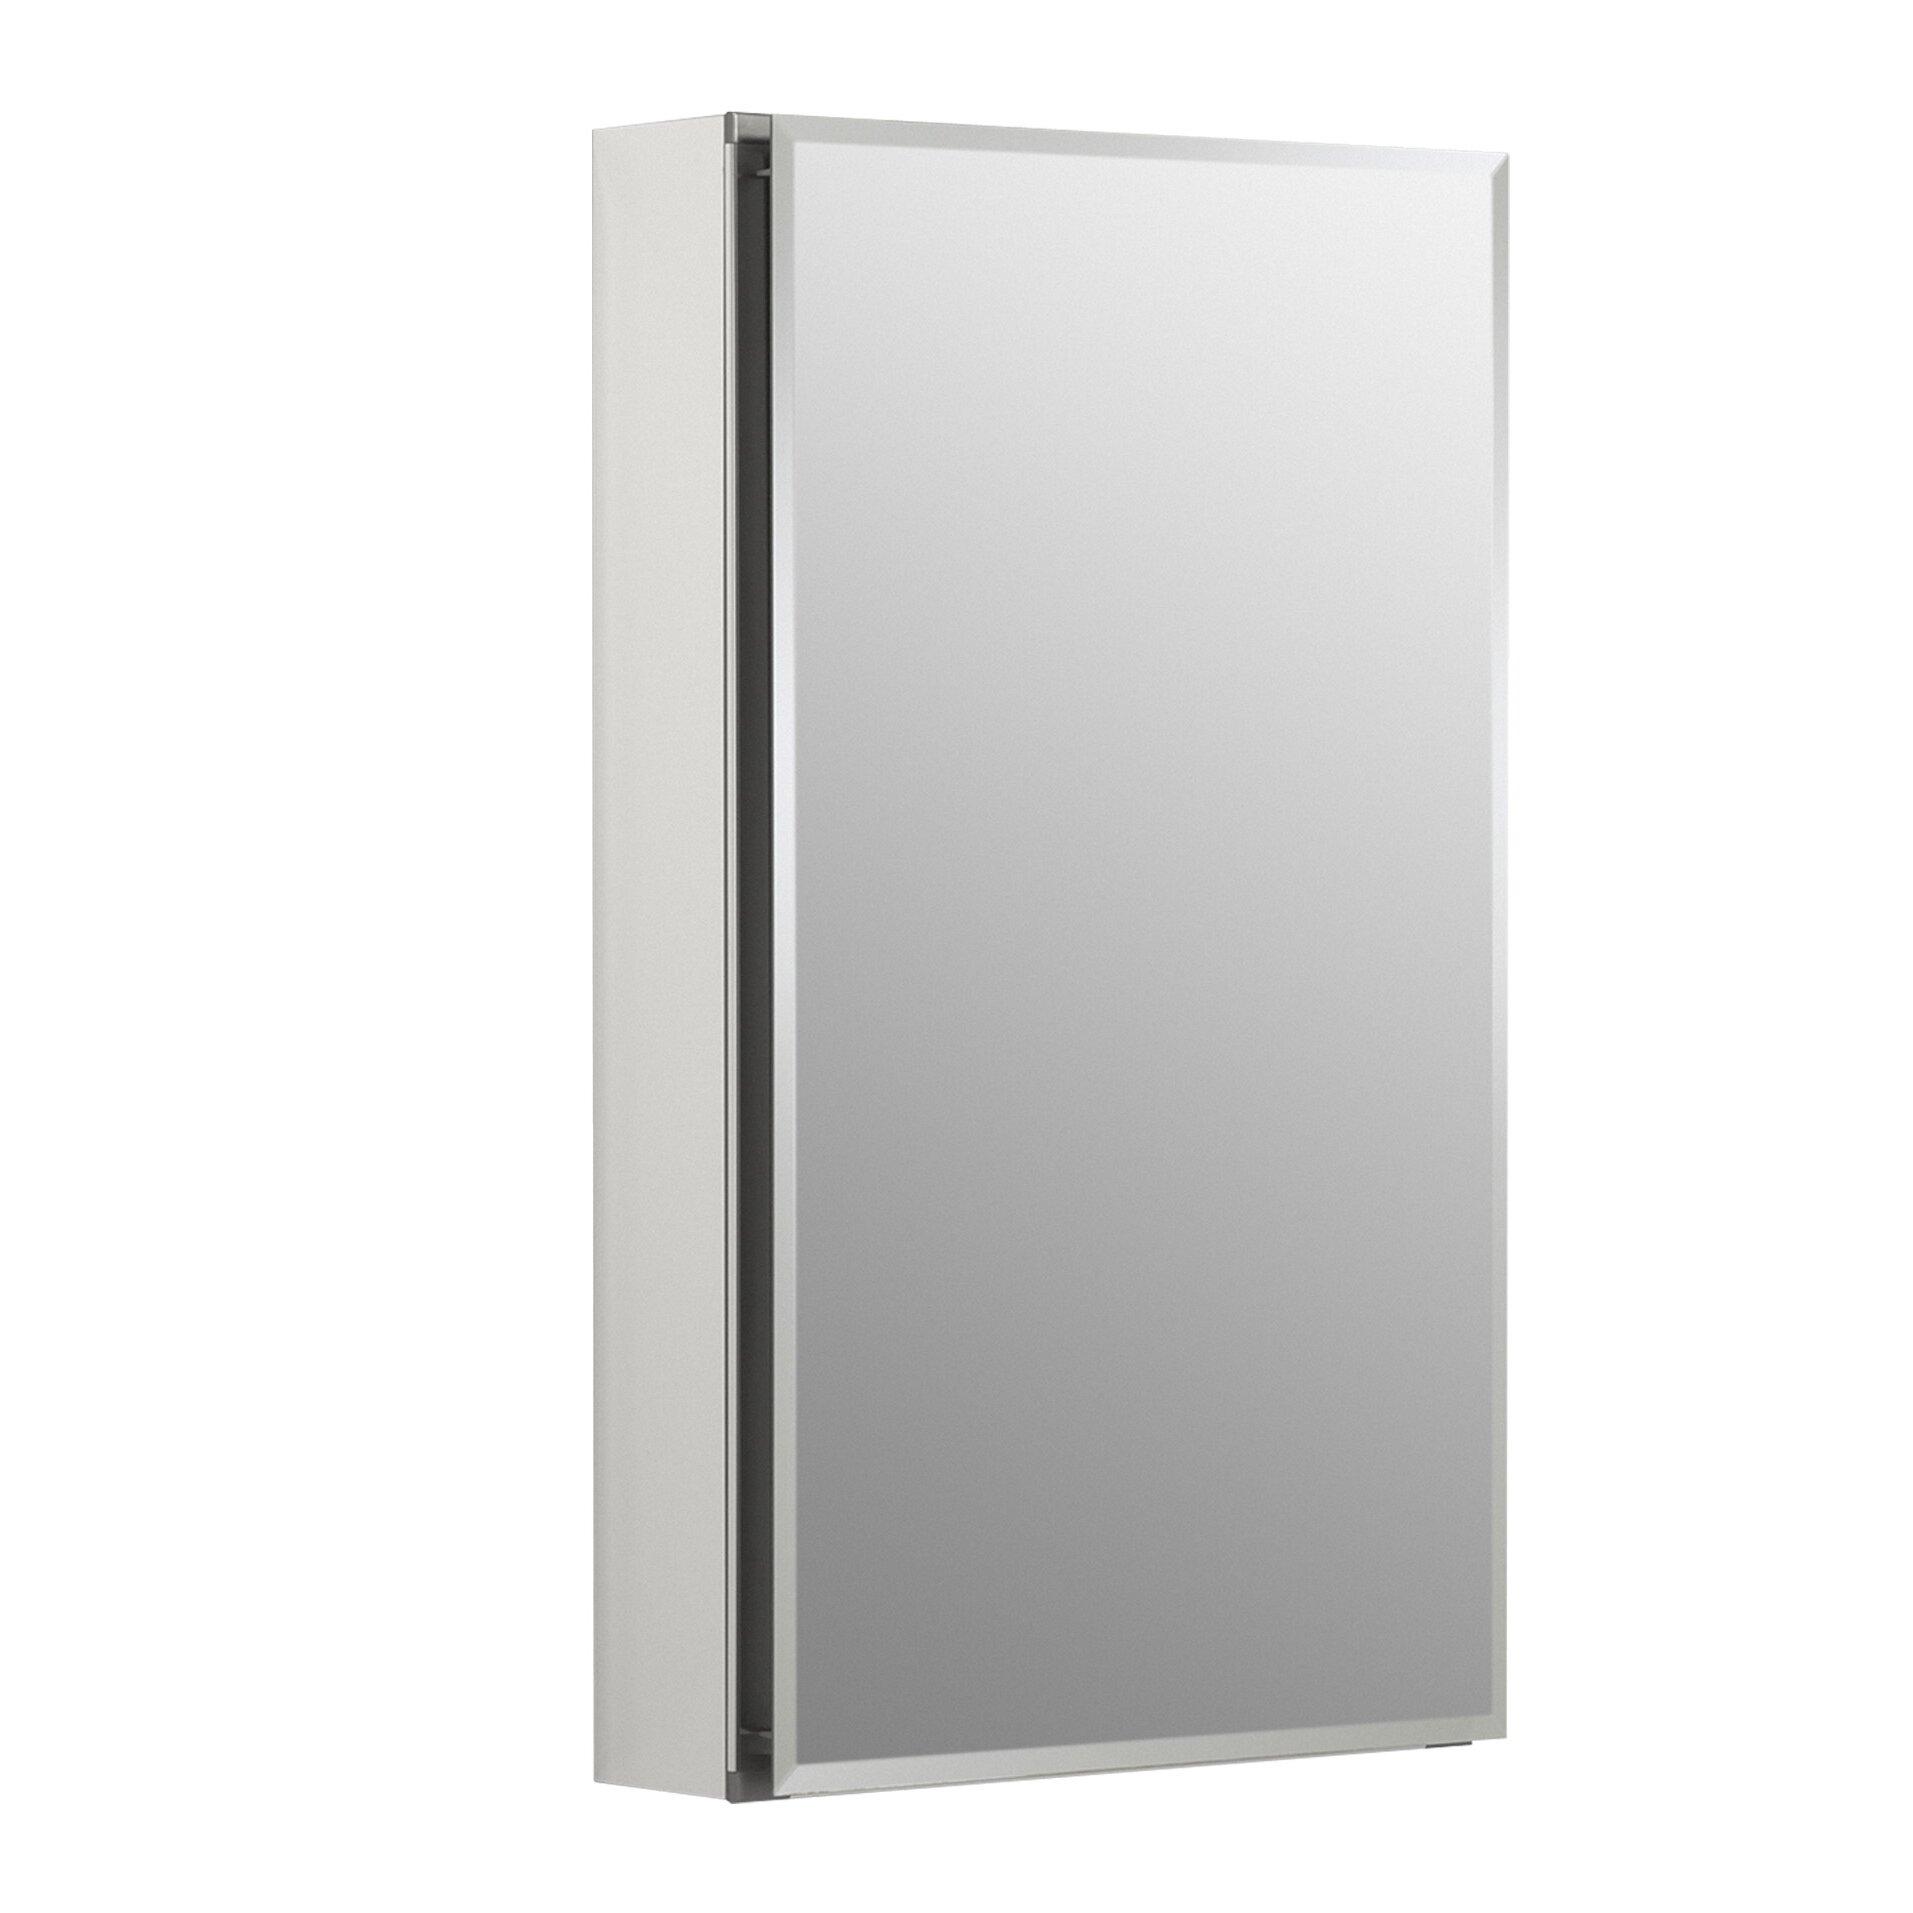 kohler 15 w x 26 h aluminum single door medicine cabinet. Black Bedroom Furniture Sets. Home Design Ideas